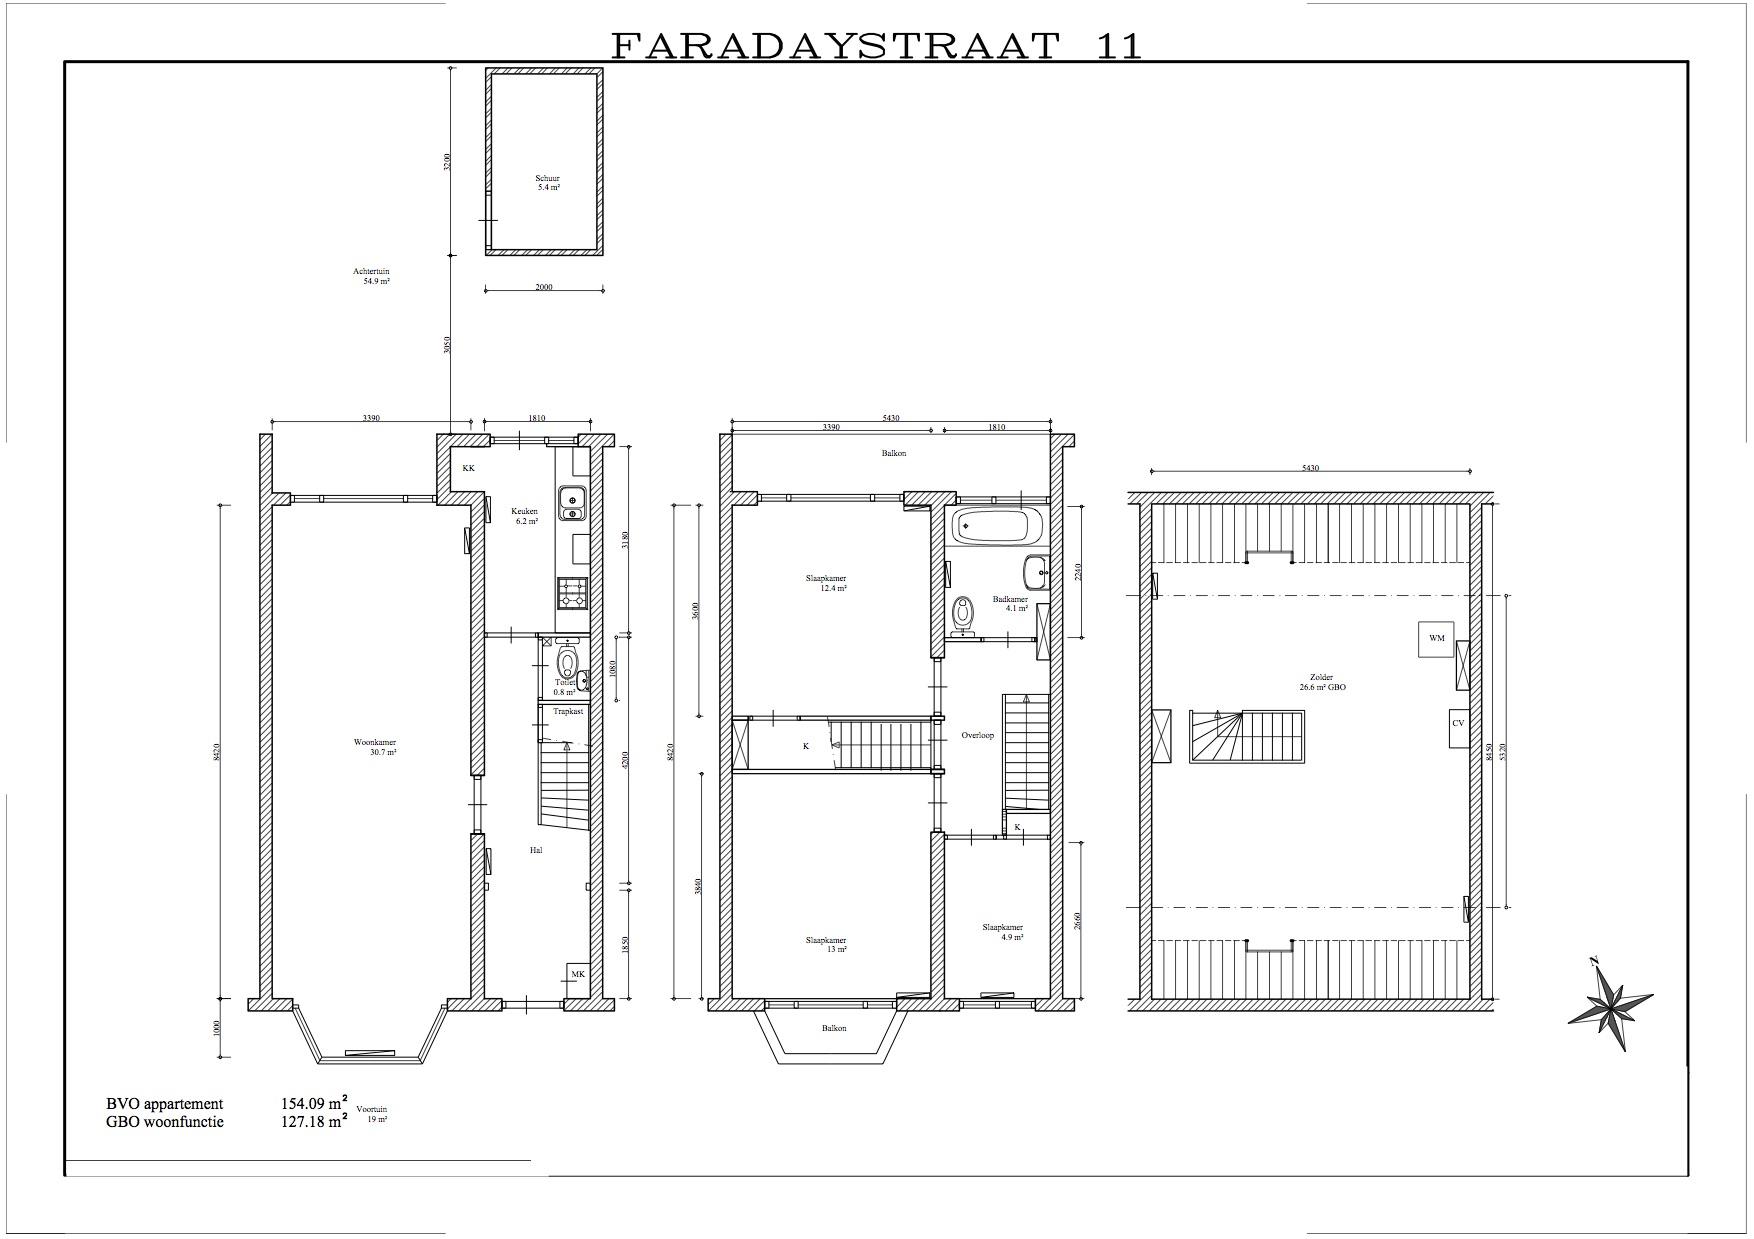 Te huur : Woonhuis Faradaystraat 11 in Haarlem